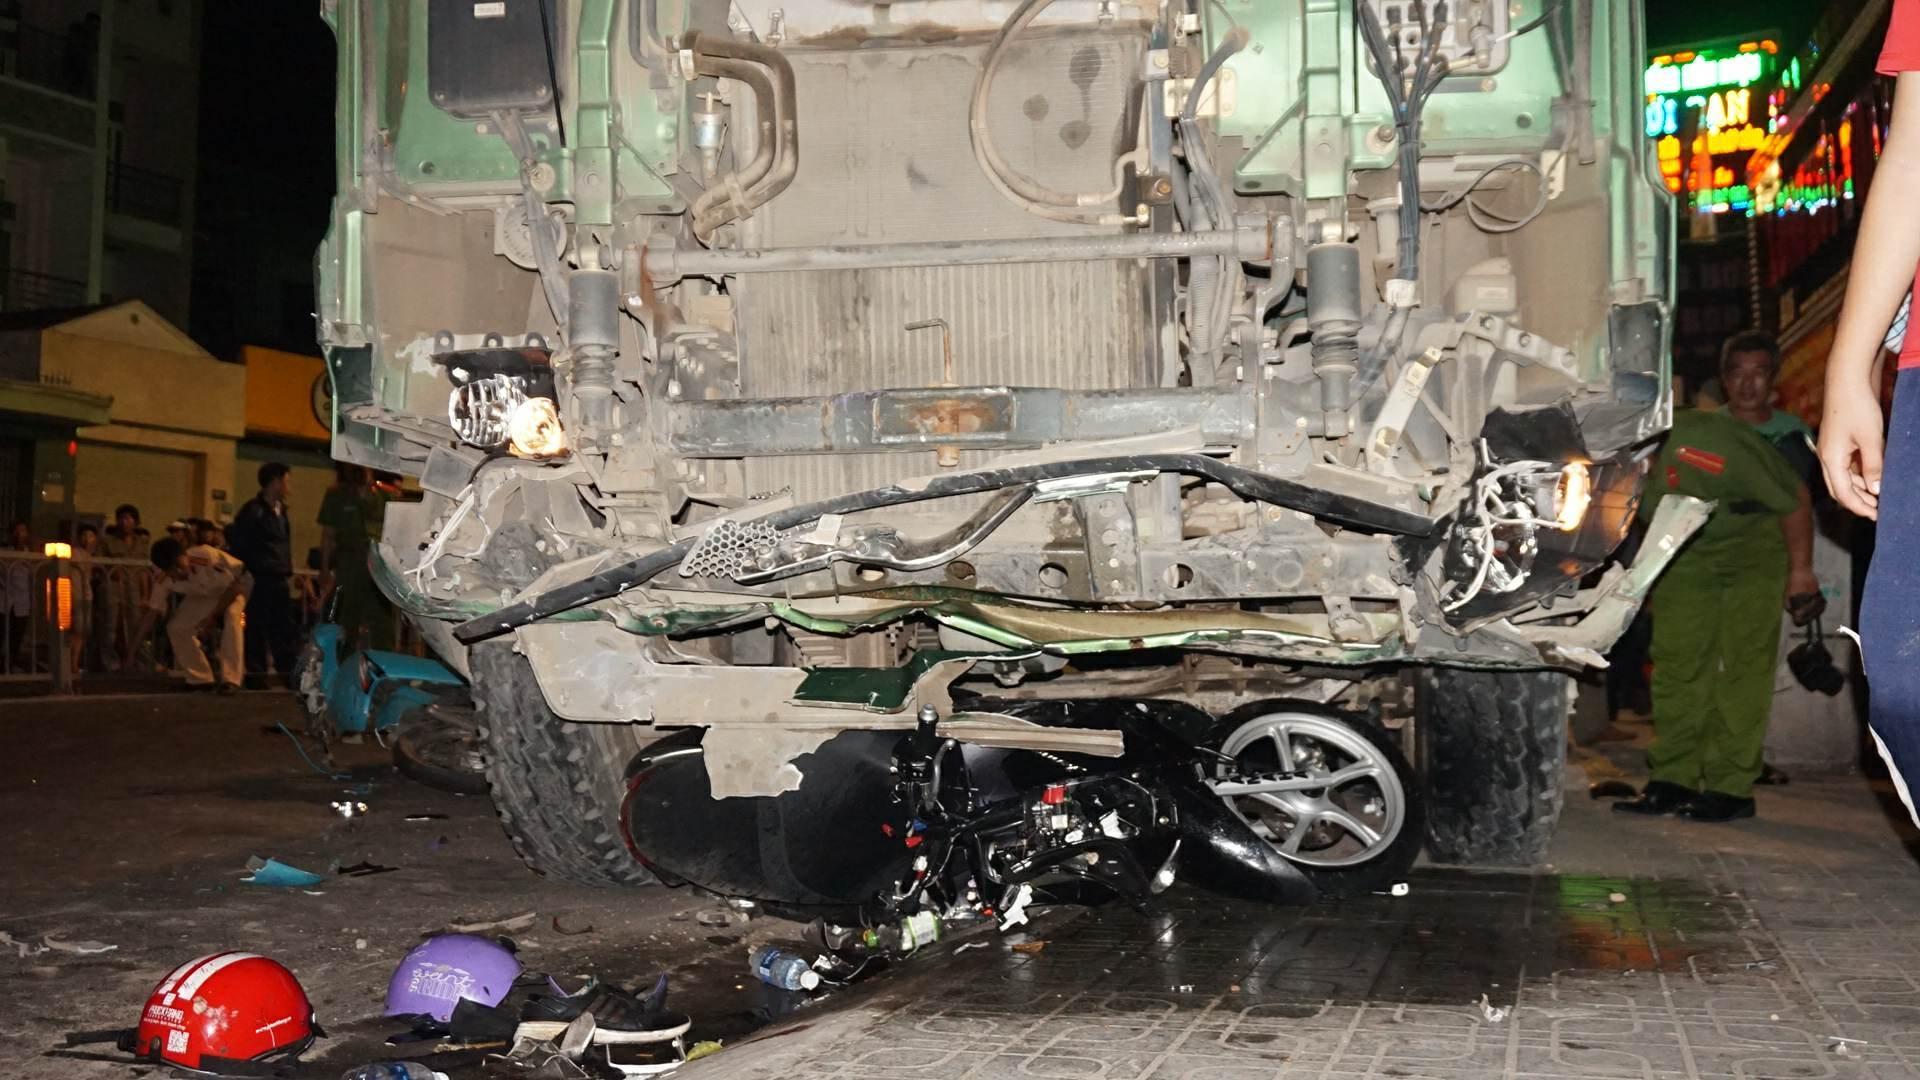 tai nạn,sài gòn,tai nạn giao thông,tai nạn chết người